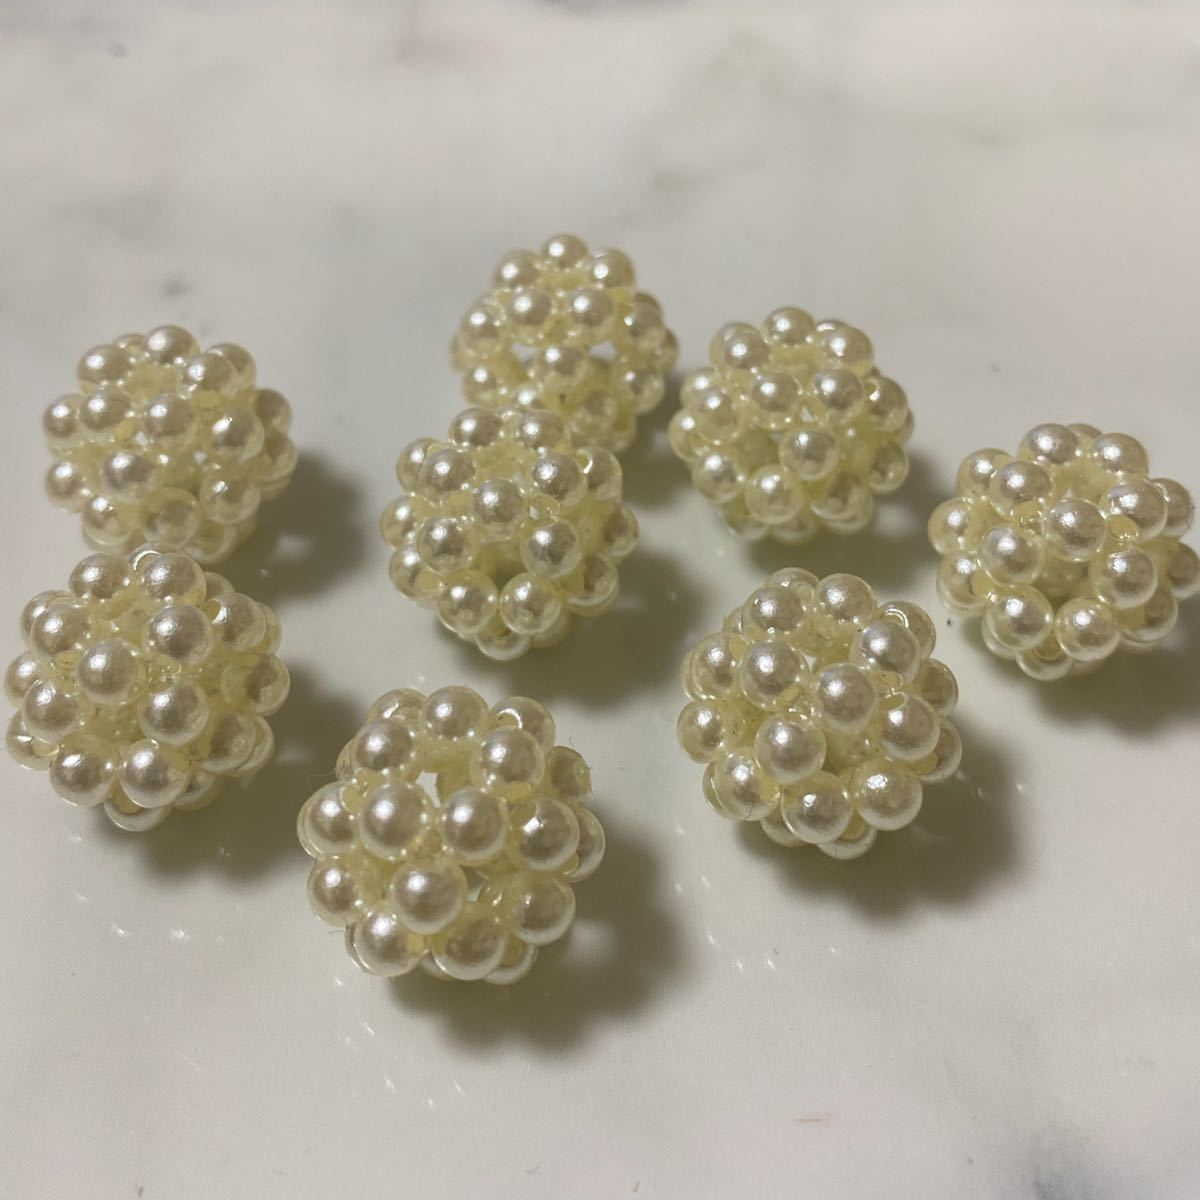 パール編みボール 15mm 8点  ビーズ パールビーズ ハンドメイド